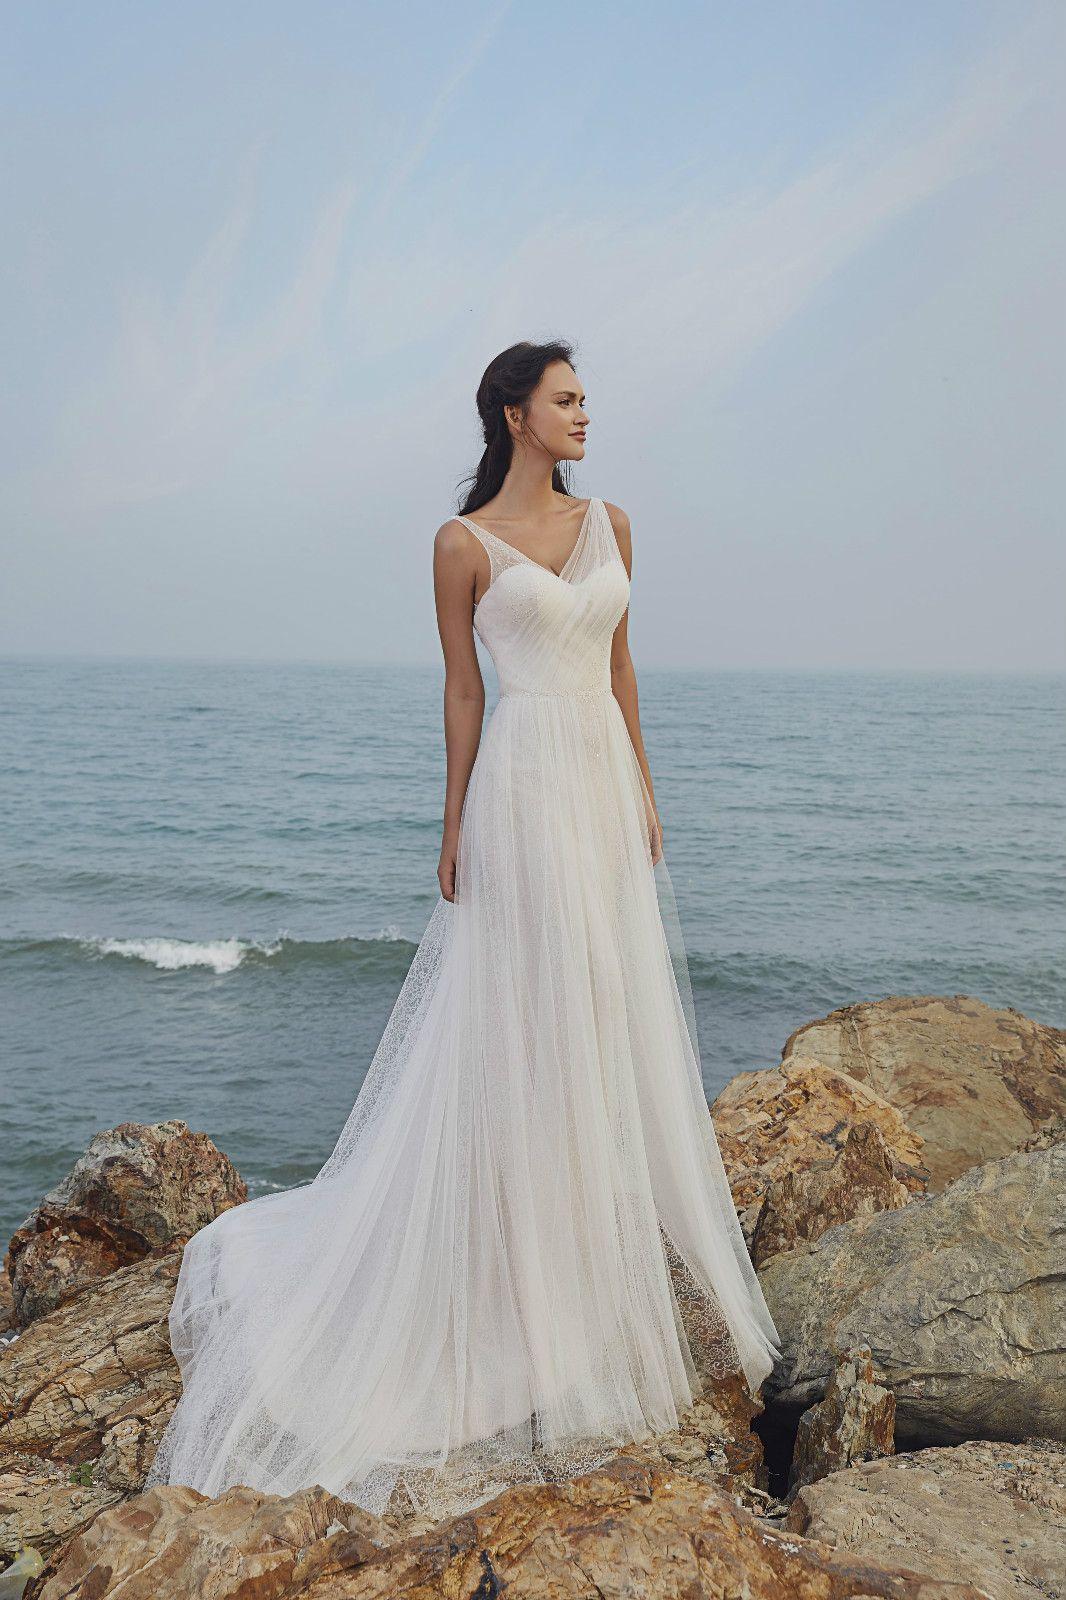 Chic Nostalgia - Bellevue Bridal | Rachel\'s Wedding | Pinterest ...